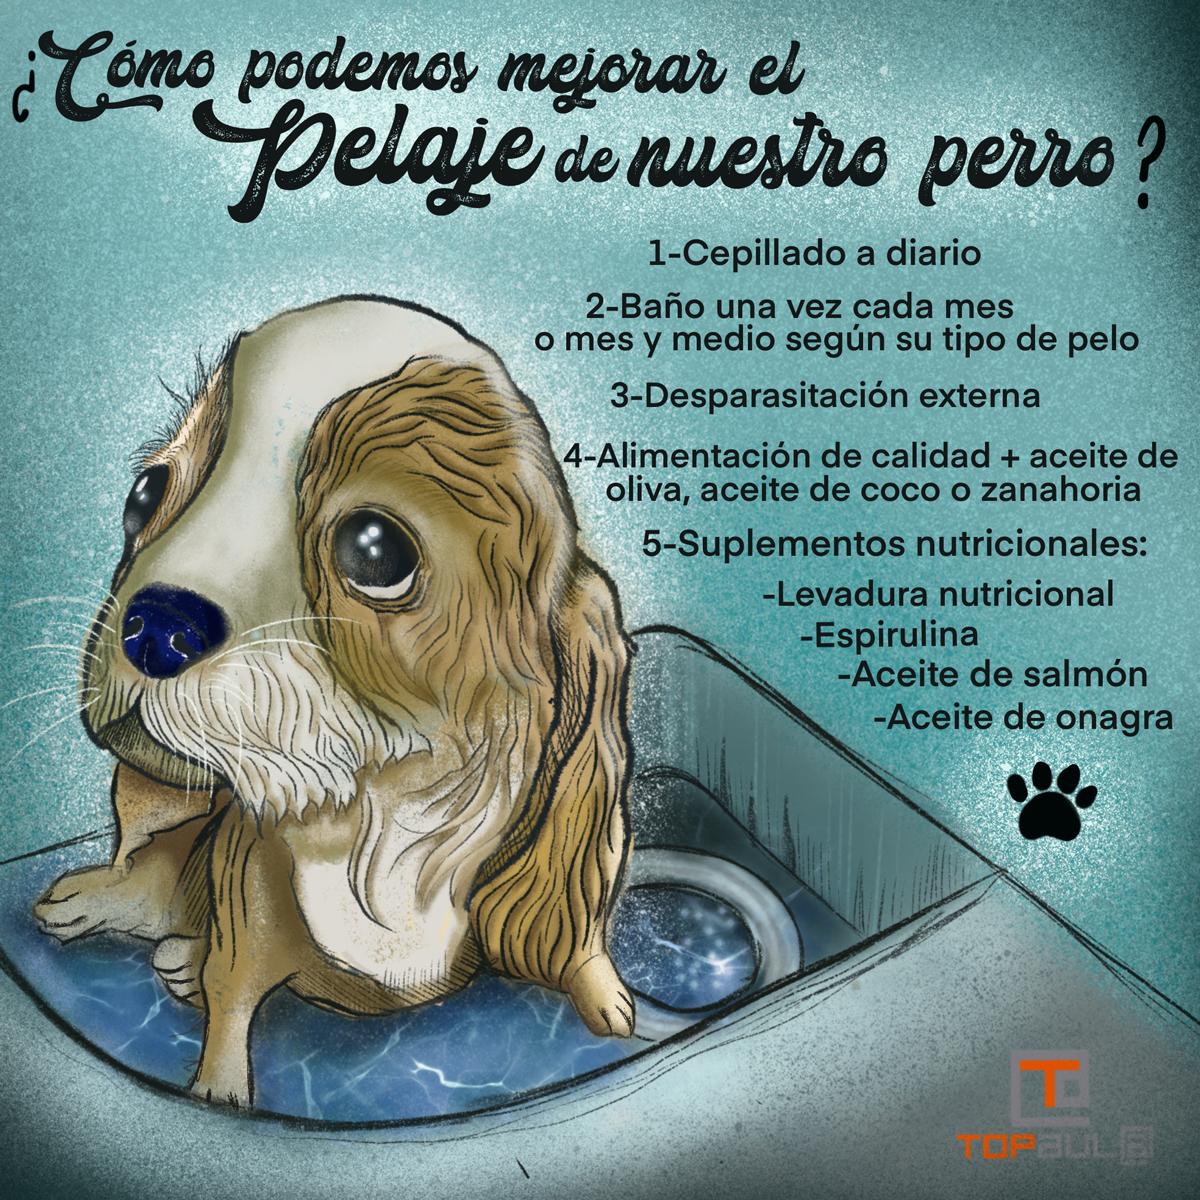 Infografía ¿Cómo podemos mejorar el pelaje de nuestro perro? - www.topaulasalud.com